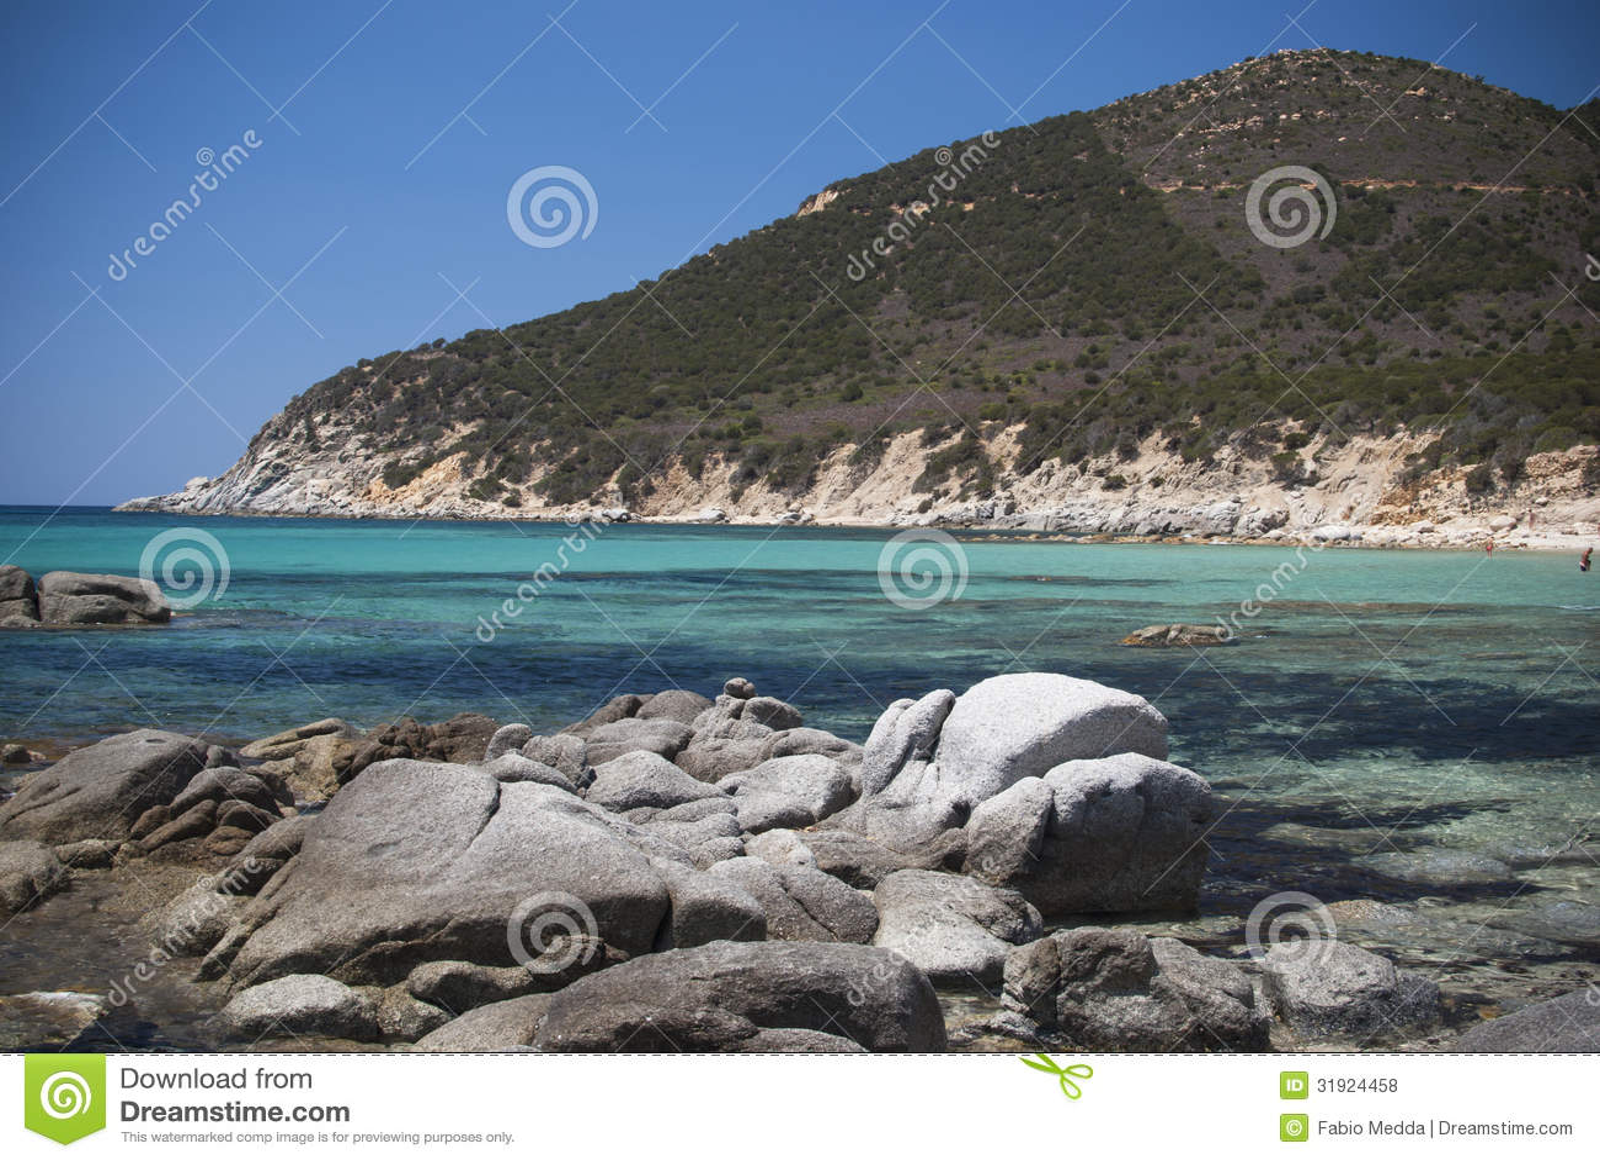 Sardinia. Águas e rochas tropicais